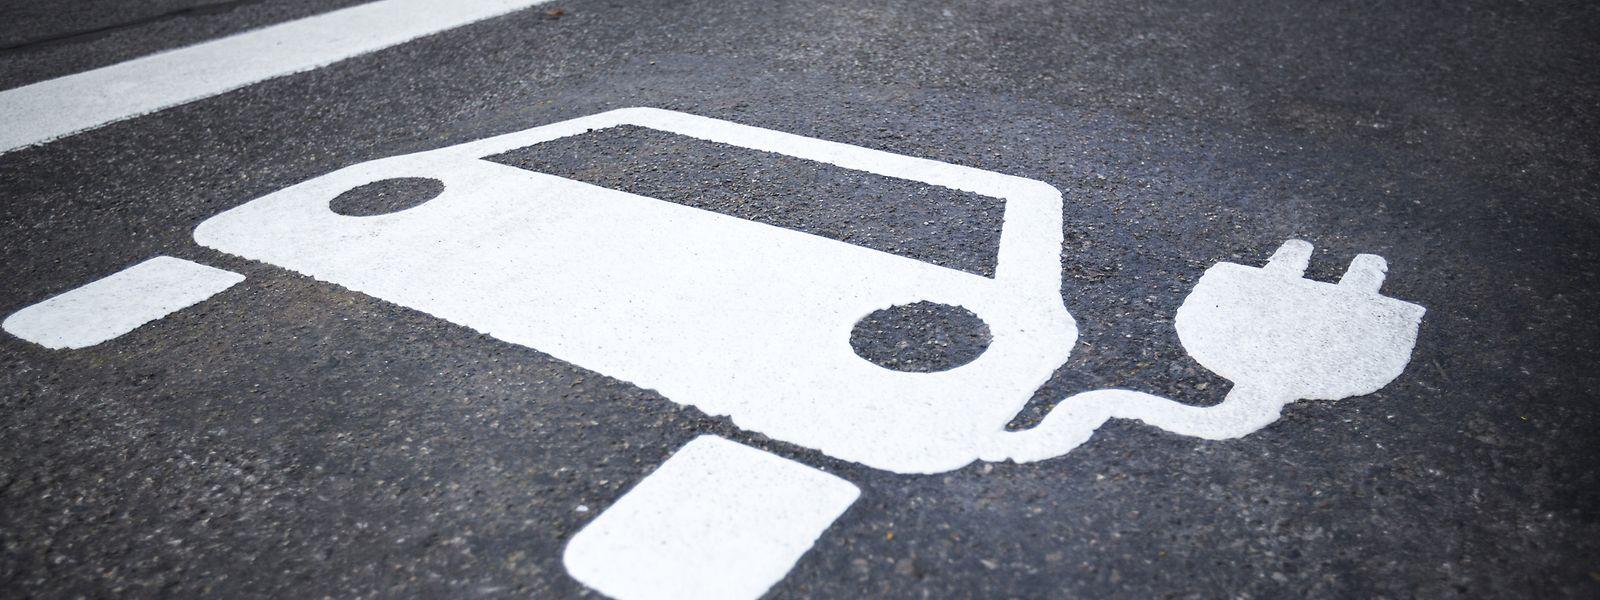 Ladestationen für Elektroautos werden künftig bezuschusst.